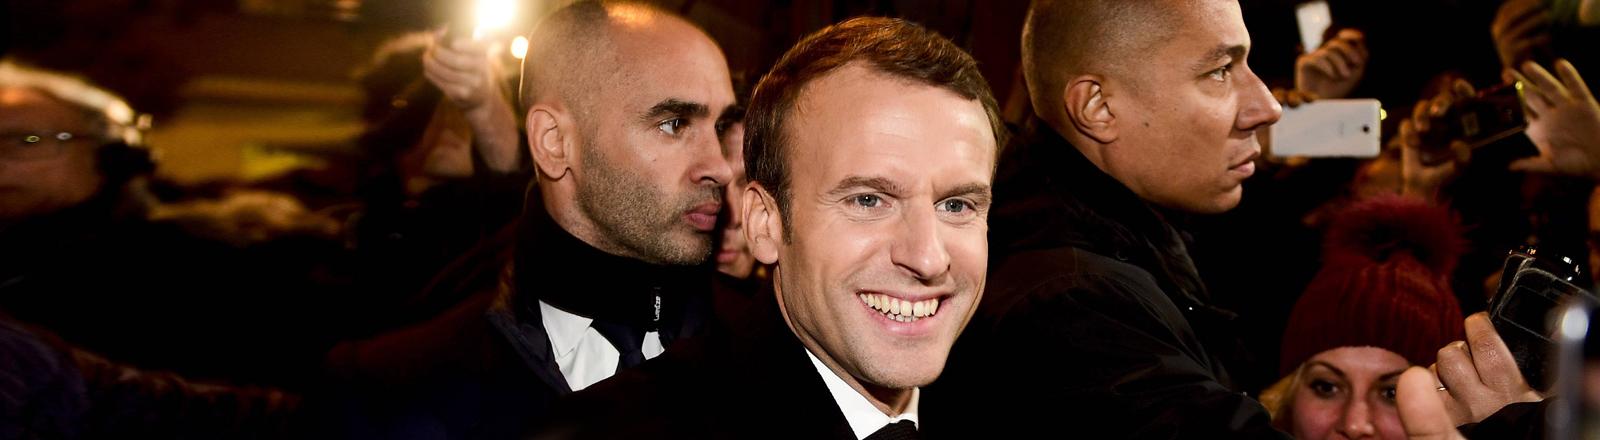 Emmanuel Macron in Menschenmenge